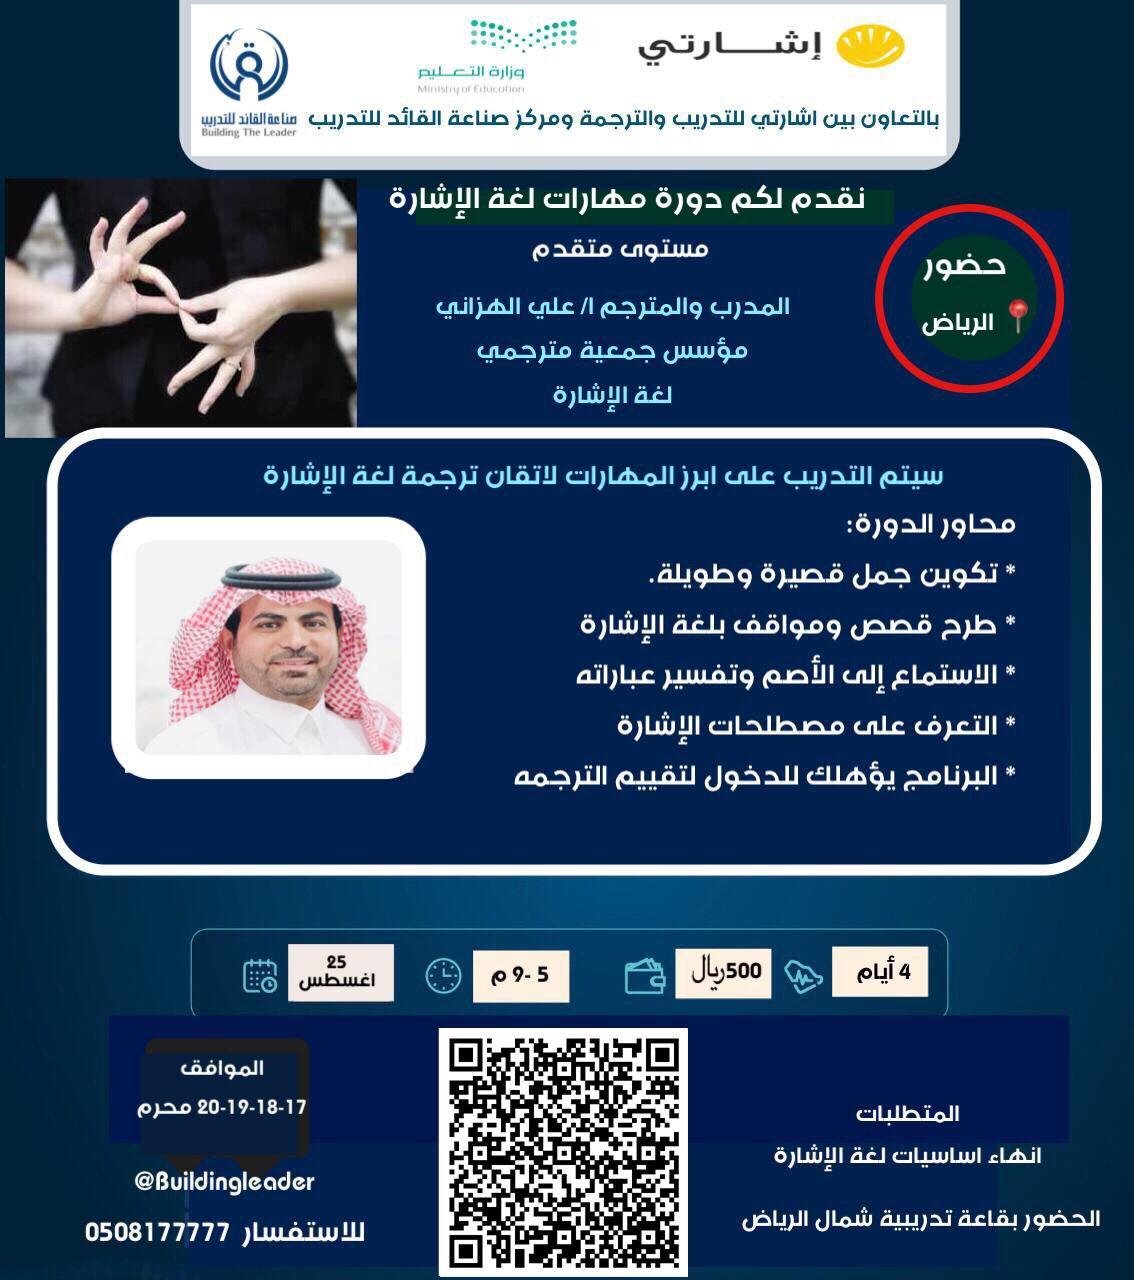 الدوره المتقدمه  في لغة الإشارة حضور بالرياض. 163018223608641.jpg